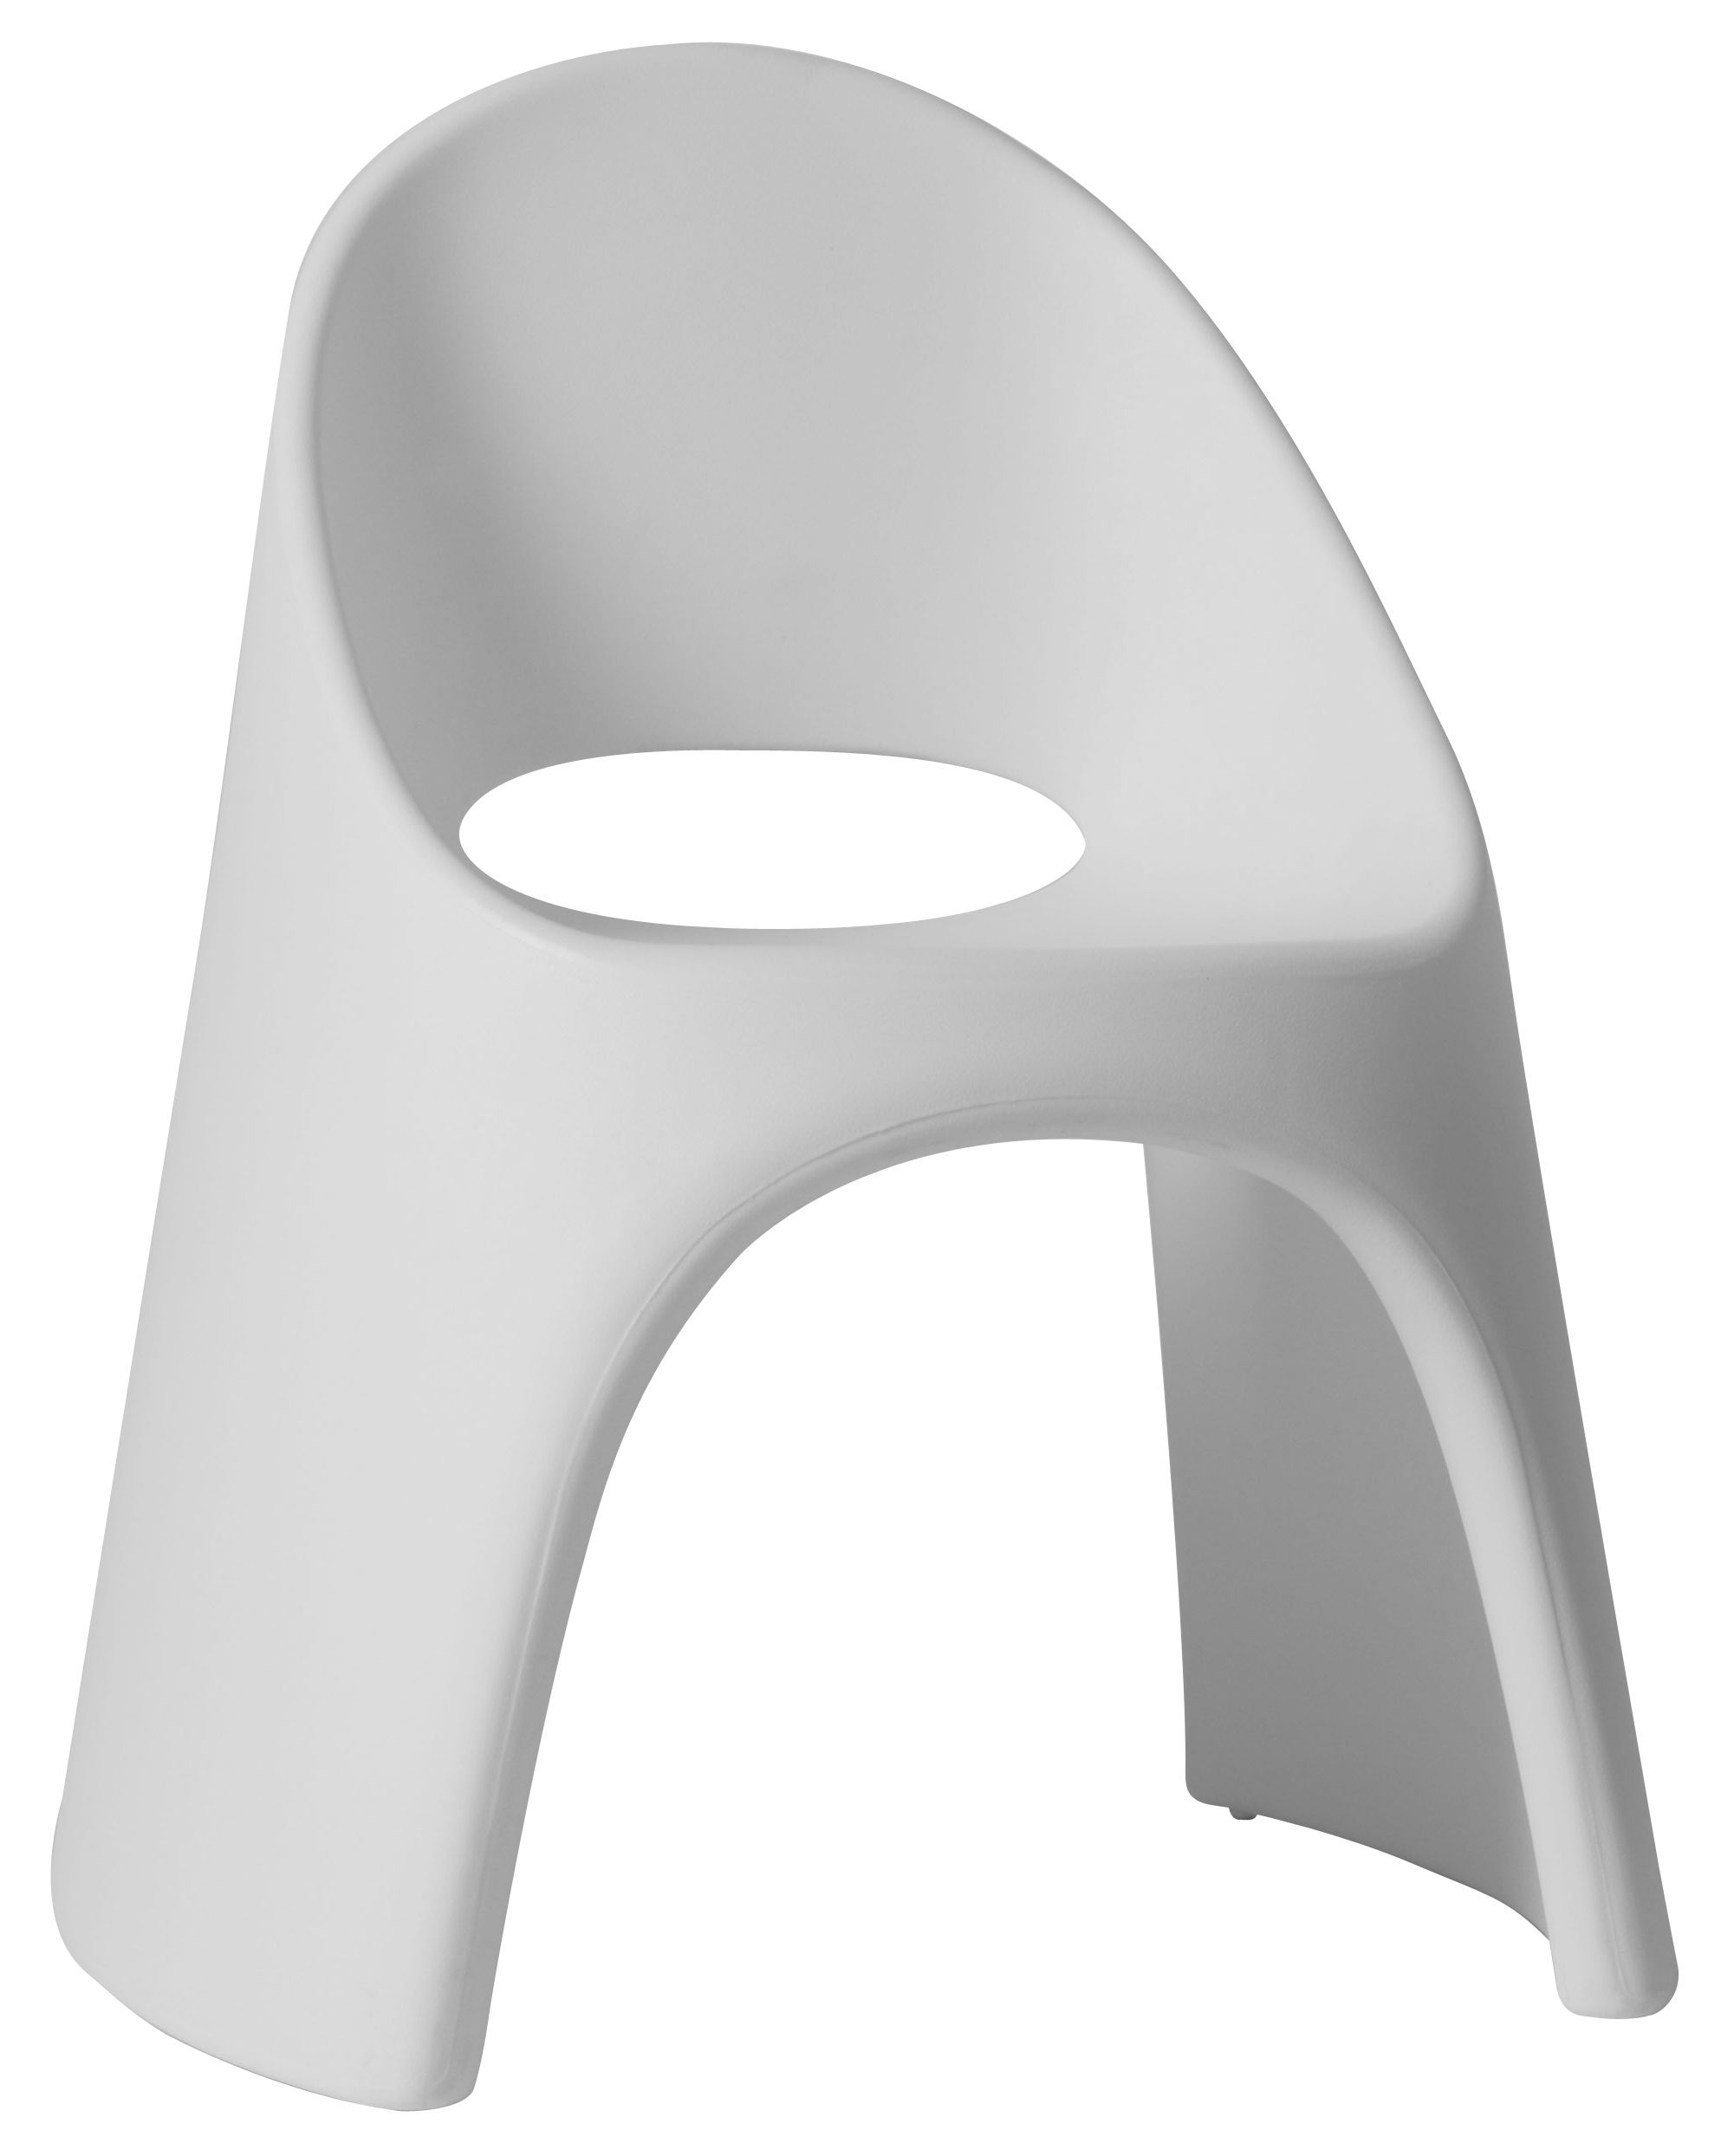 Arredamento - Sedie  - Poltrona impilabile Amélie di Slide - Bianco - polietilene riciclabile